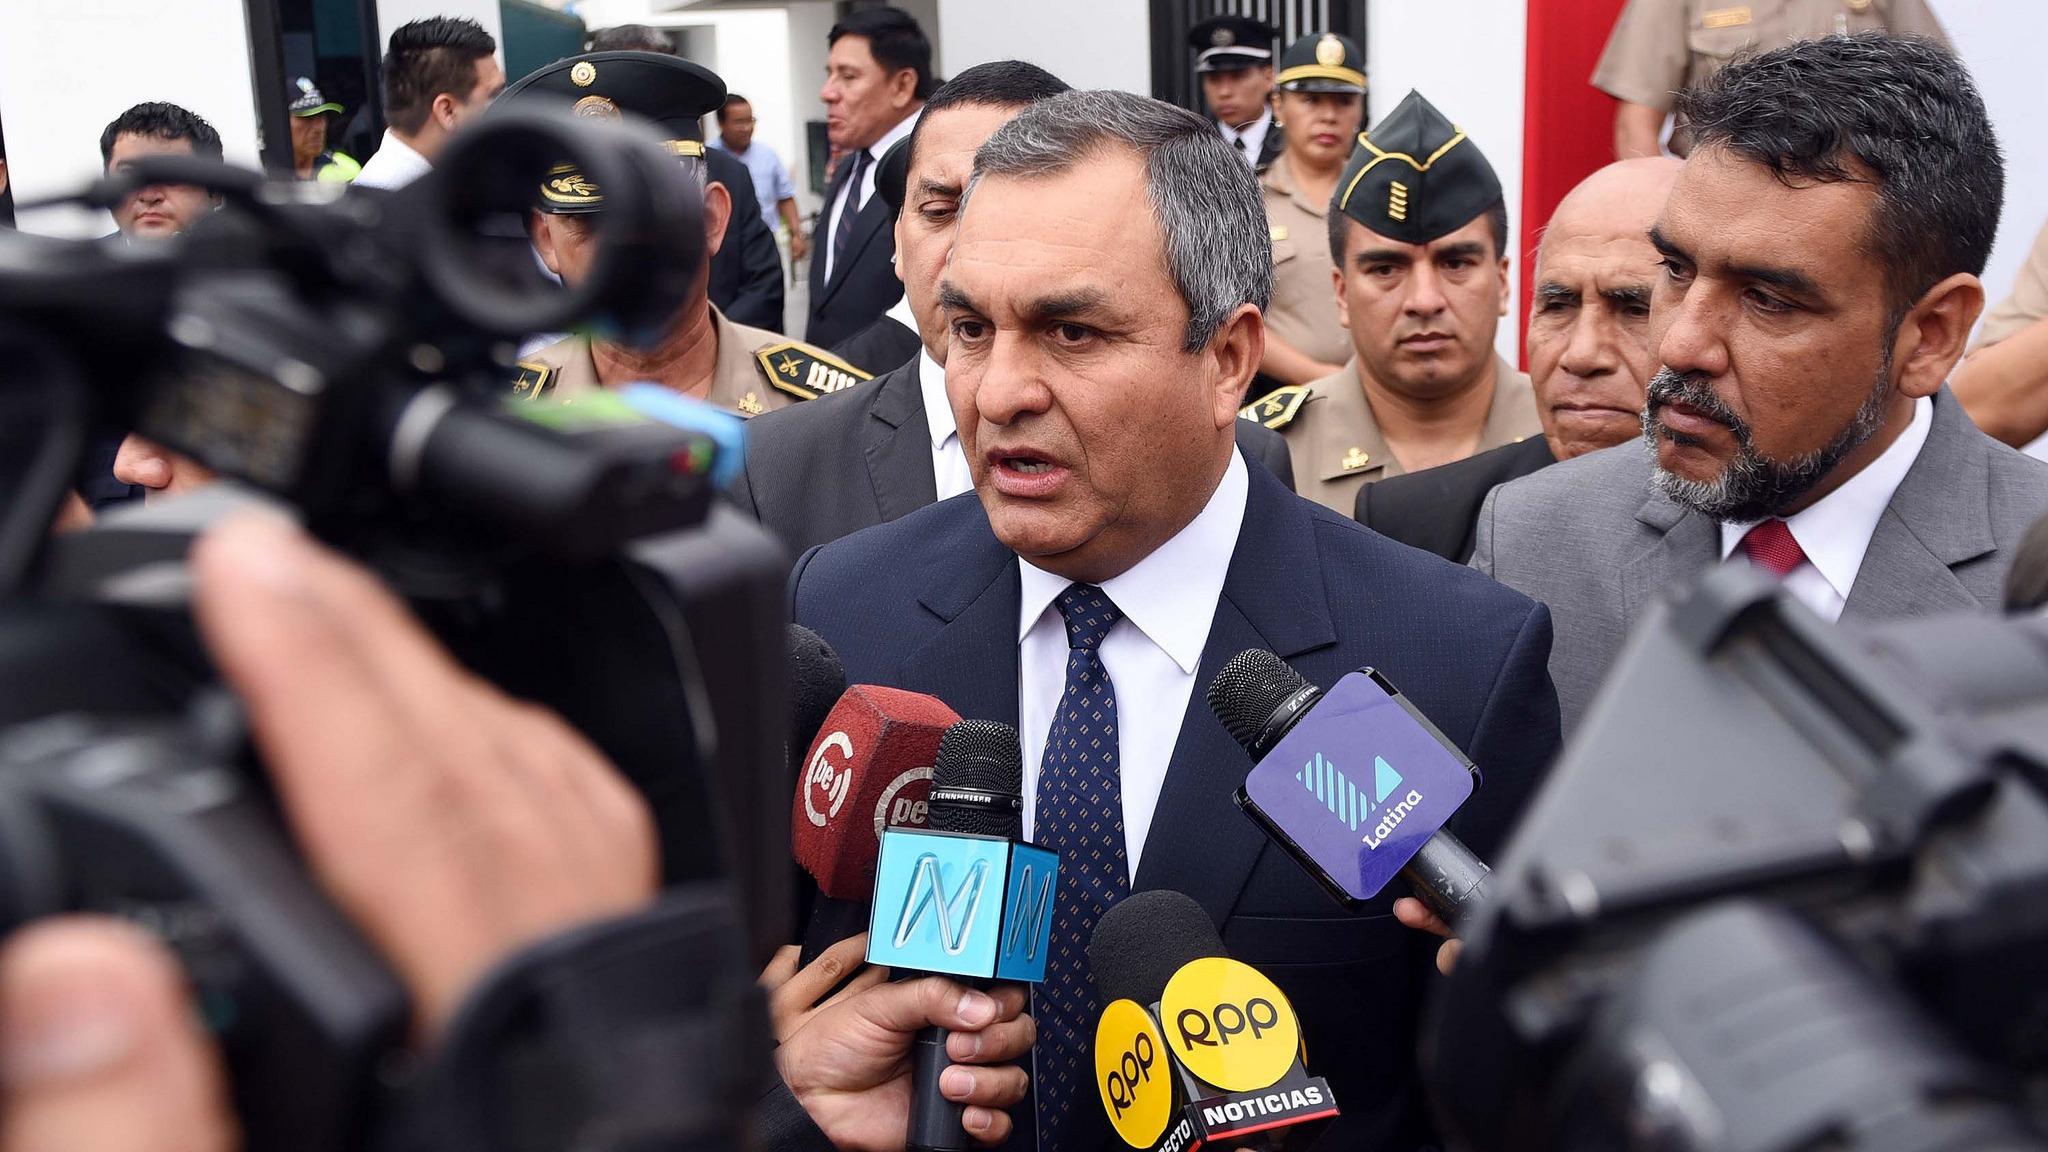 El ministro dijo que no es necesario que los militares vigilen las calles.